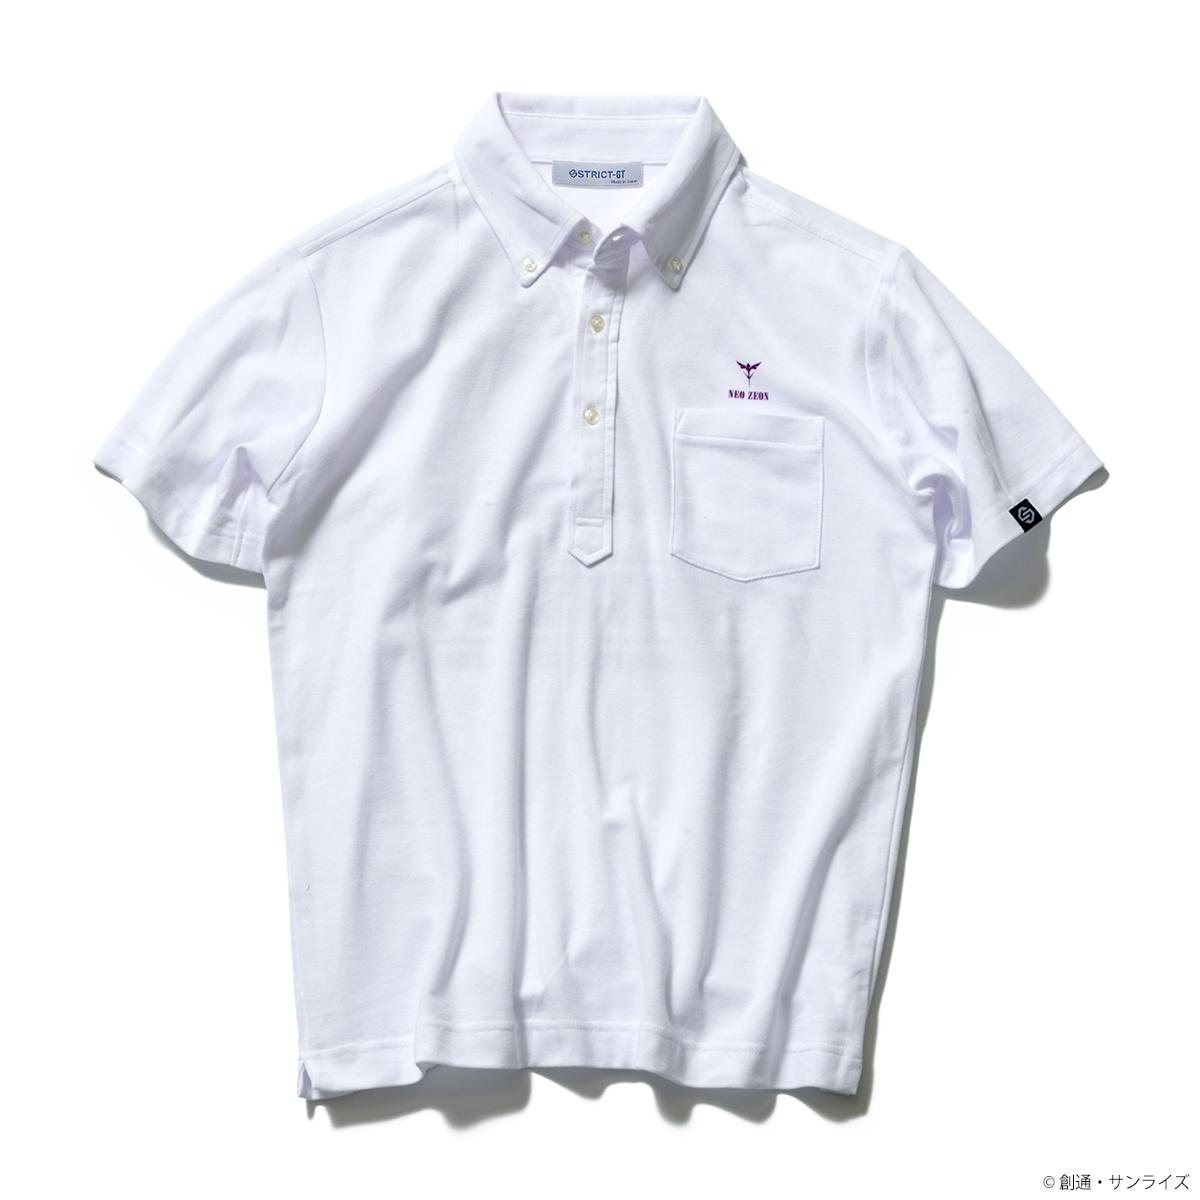 STRICT-G『機動戦士ガンダムZZ』 ポケットボタンダウンポロシャツ キュベレイ